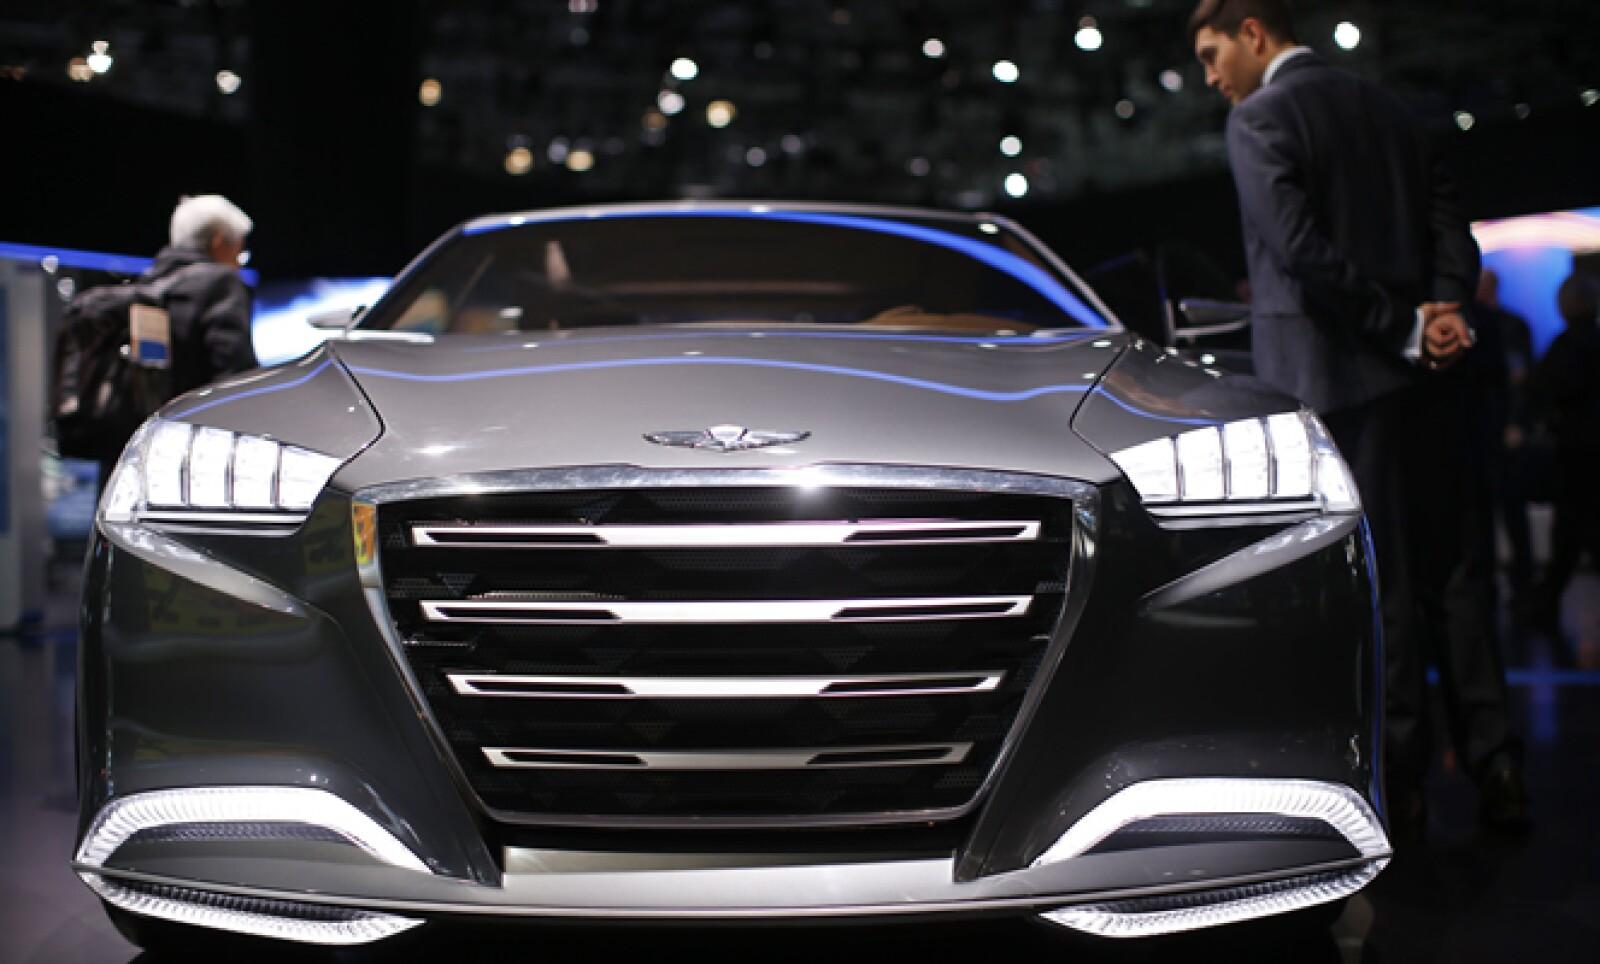 El Hyundai HCD-14 en el evento, que tiene un costo desde 5 dólares para los niños hasta 15 los adultos.